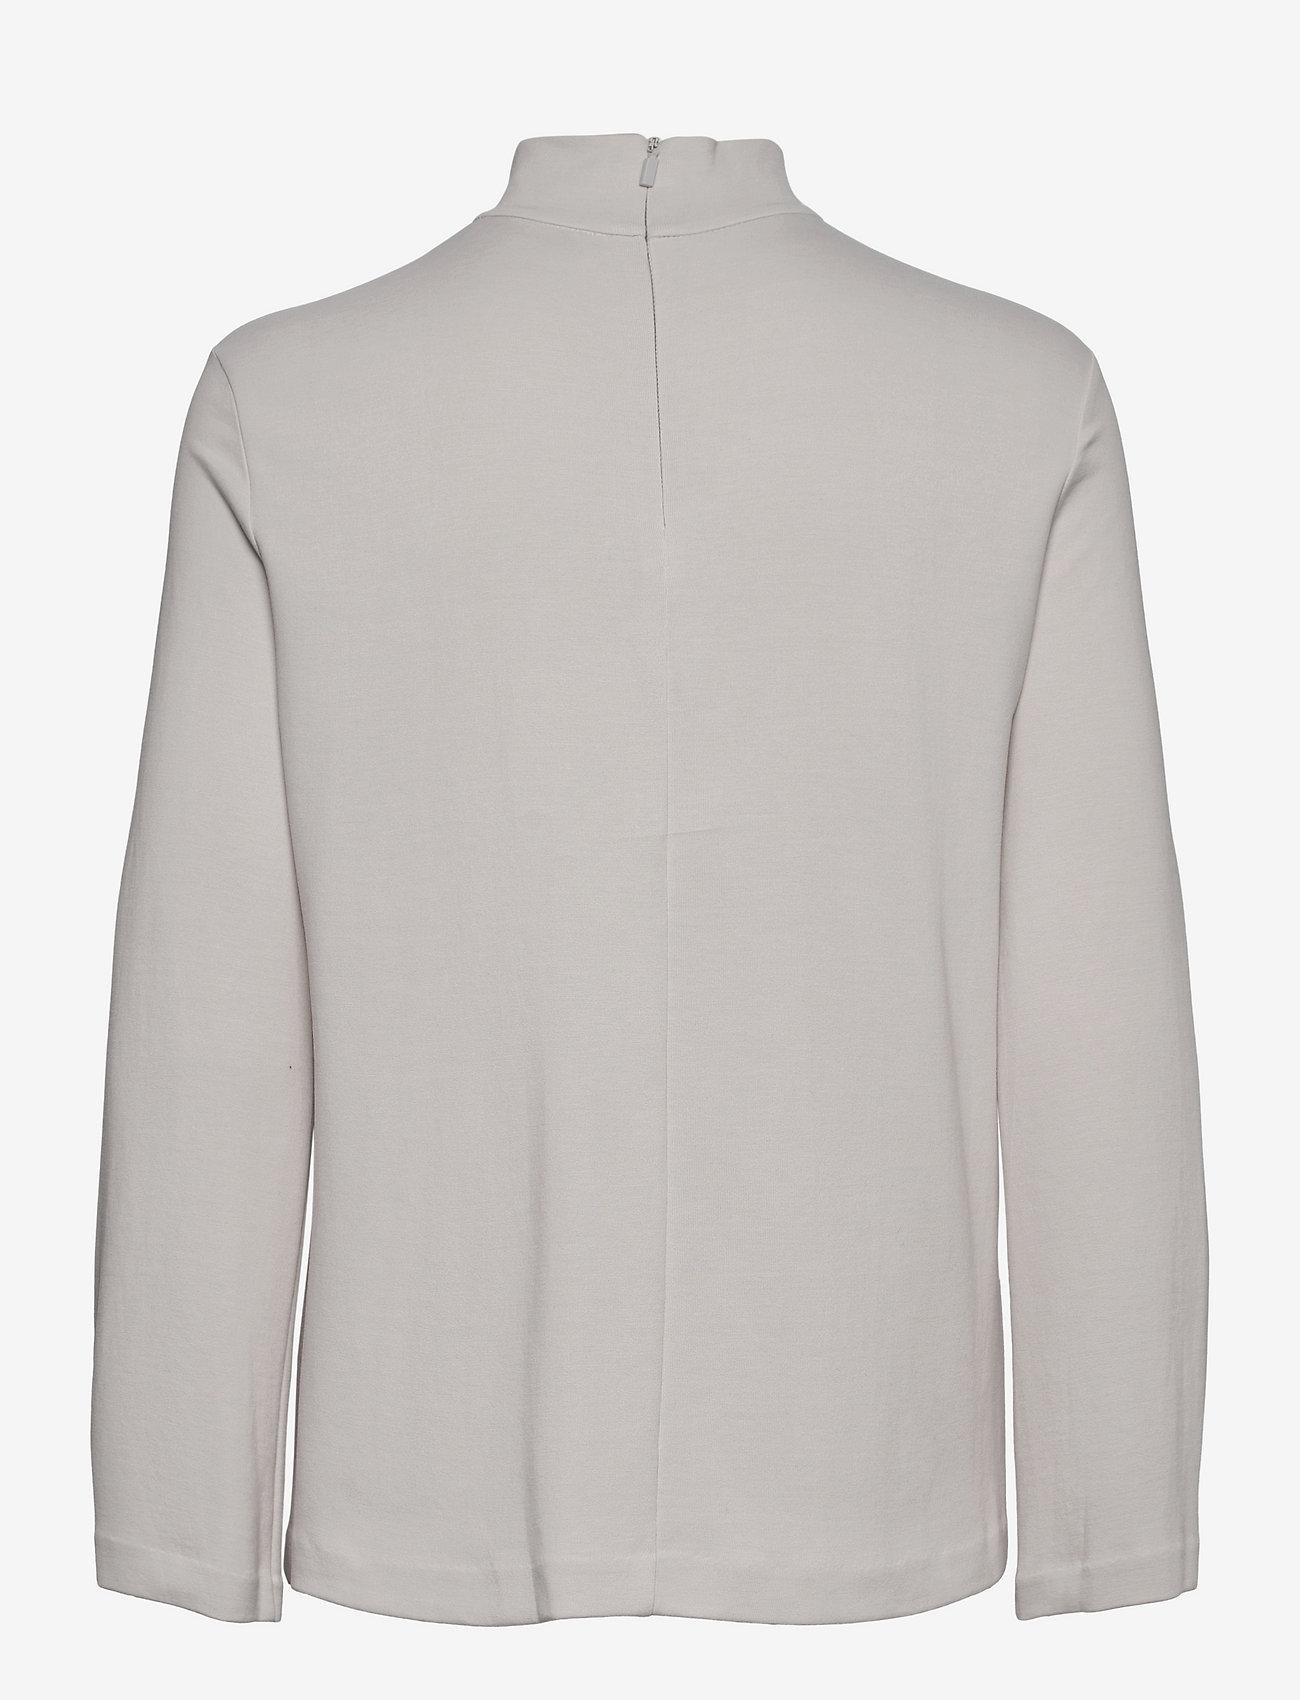 Max Mara Leisure - ETHEL - long-sleeved tops - beige - 1